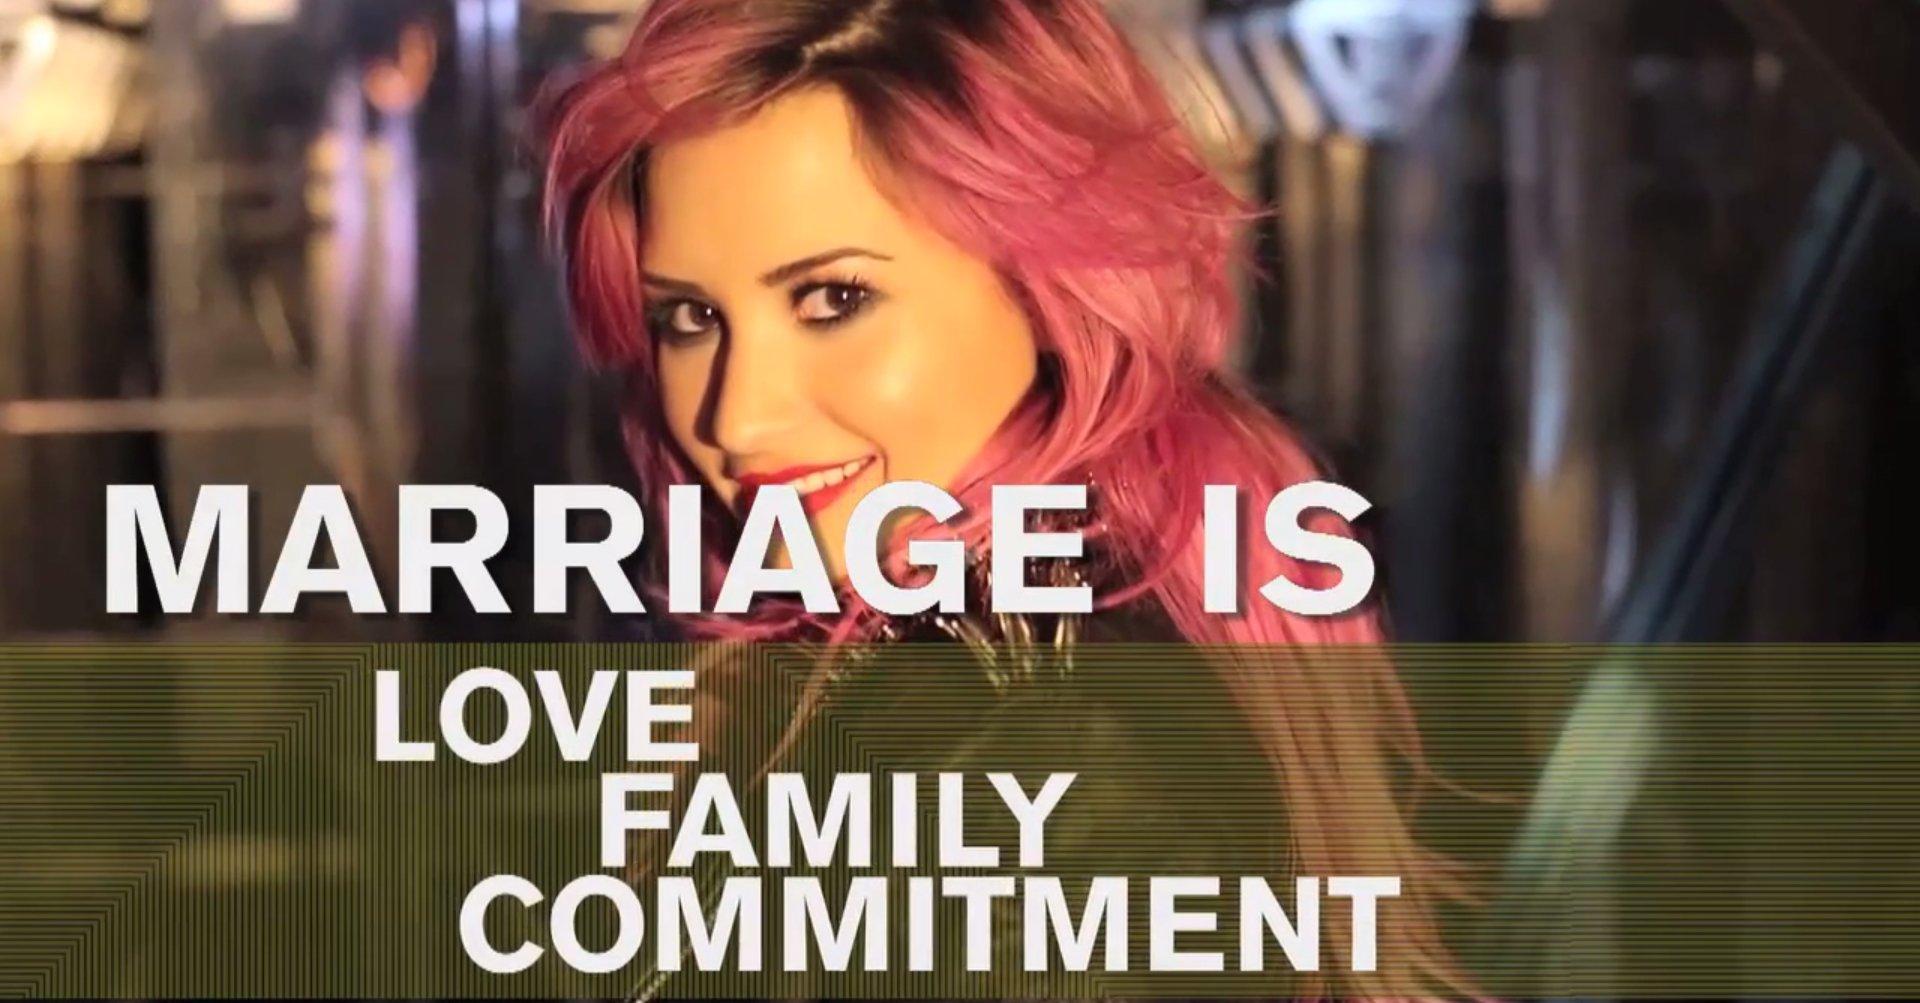 Demi Lovato : « Que vous soyez LGBT ou non, votre amour est vrai, beau, et c'est un cadeau du ciel »